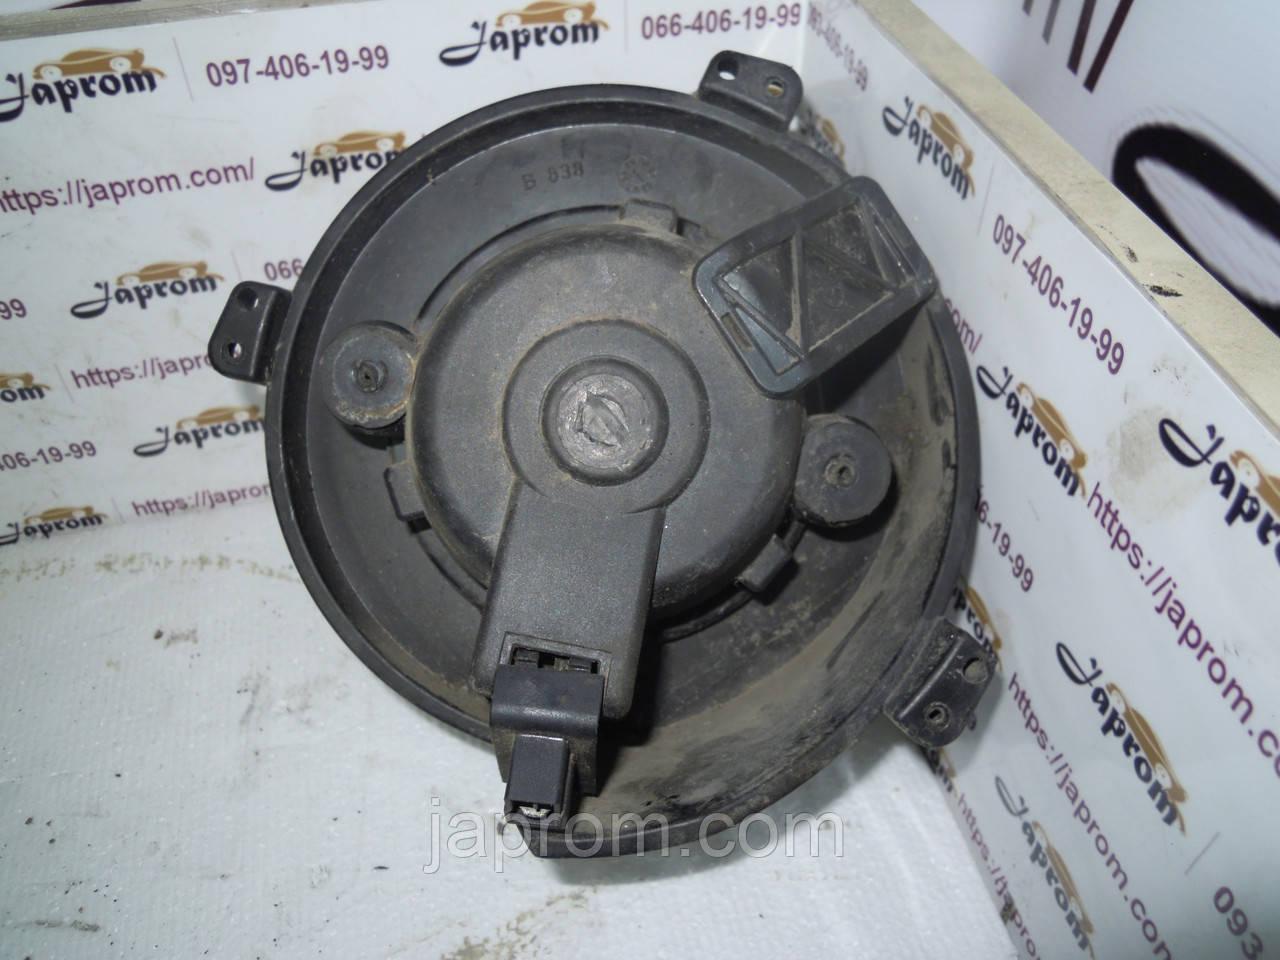 Моторчик печки мотор вентилятор печки отопителя CITROEN FIAT PEUGEOT 1994-2002г.в.